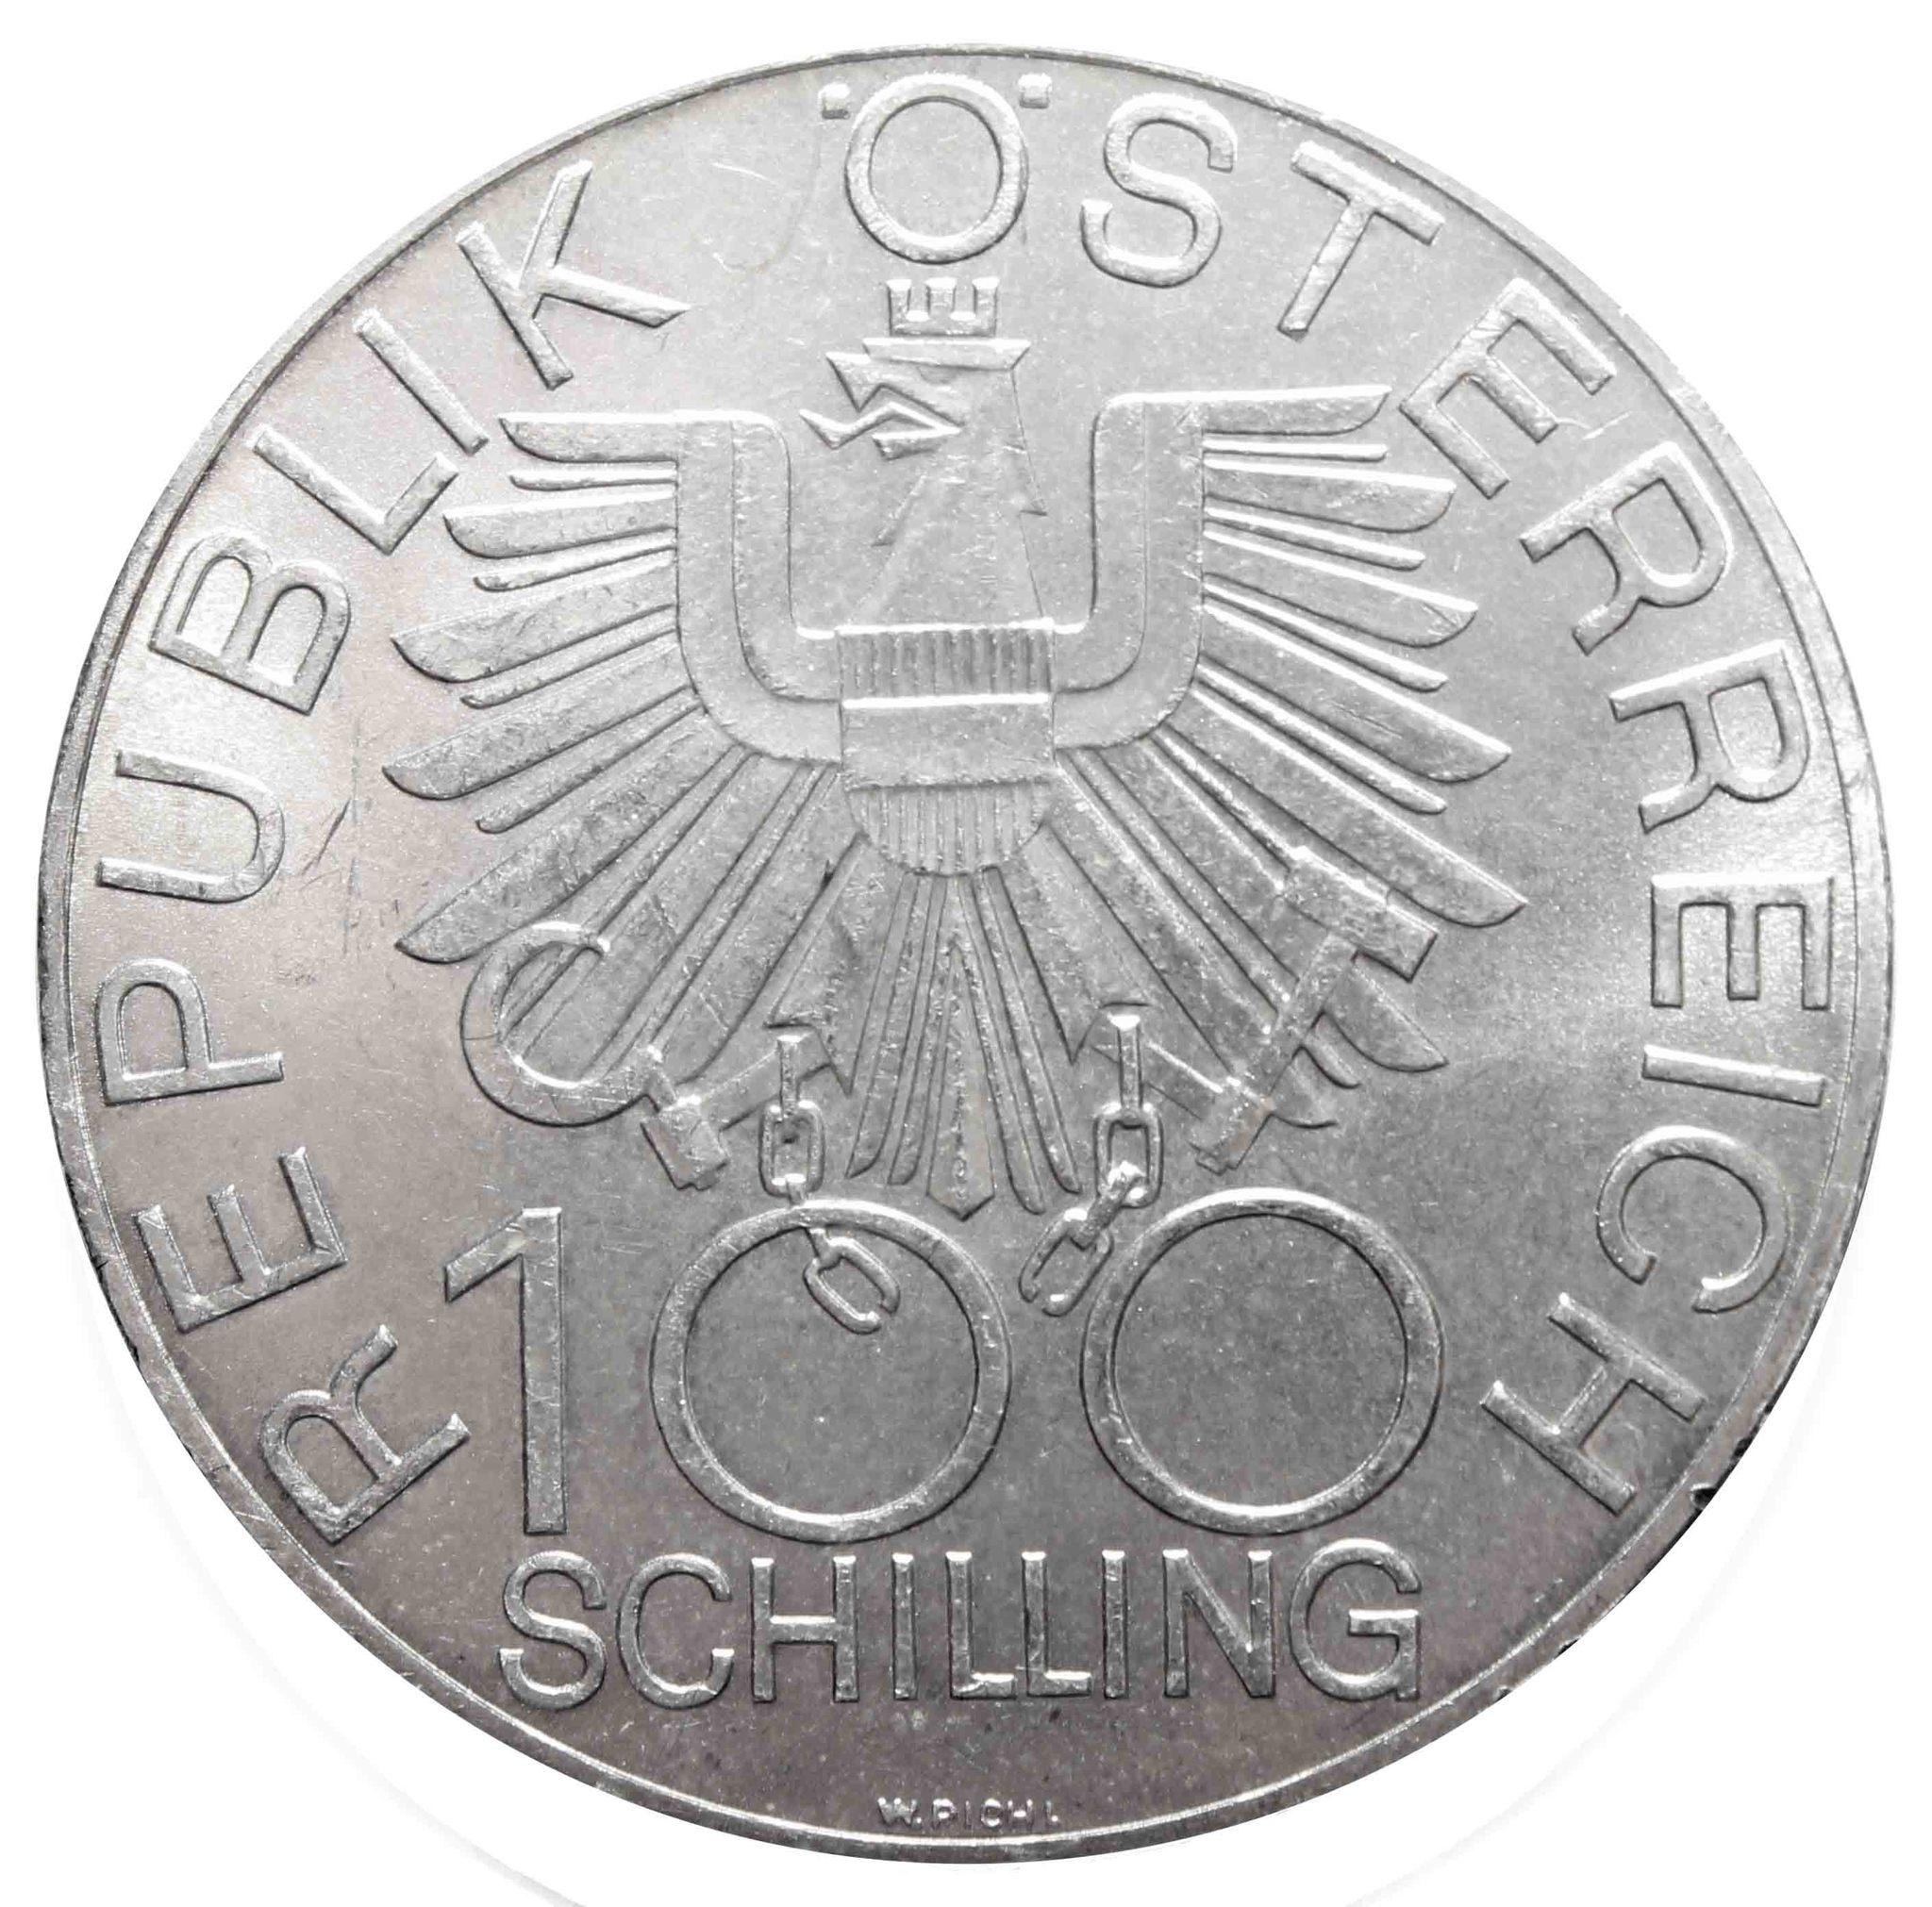 100 шиллингов. 700 лет собору в Винер-Нойштадте. Австрия. 1979 год. Серебро. AU